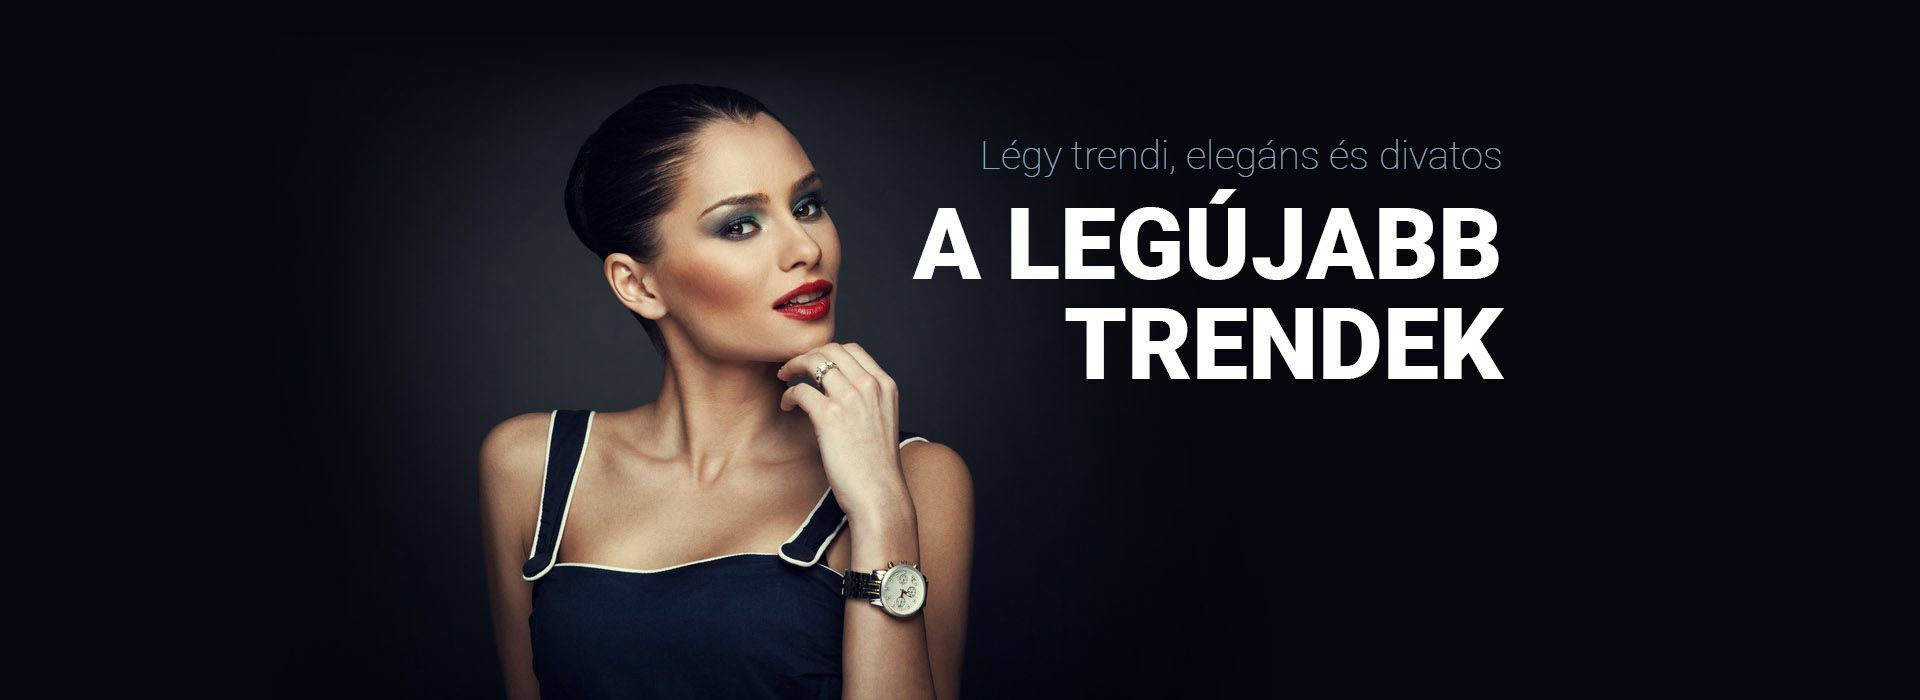 Legújabb trendek